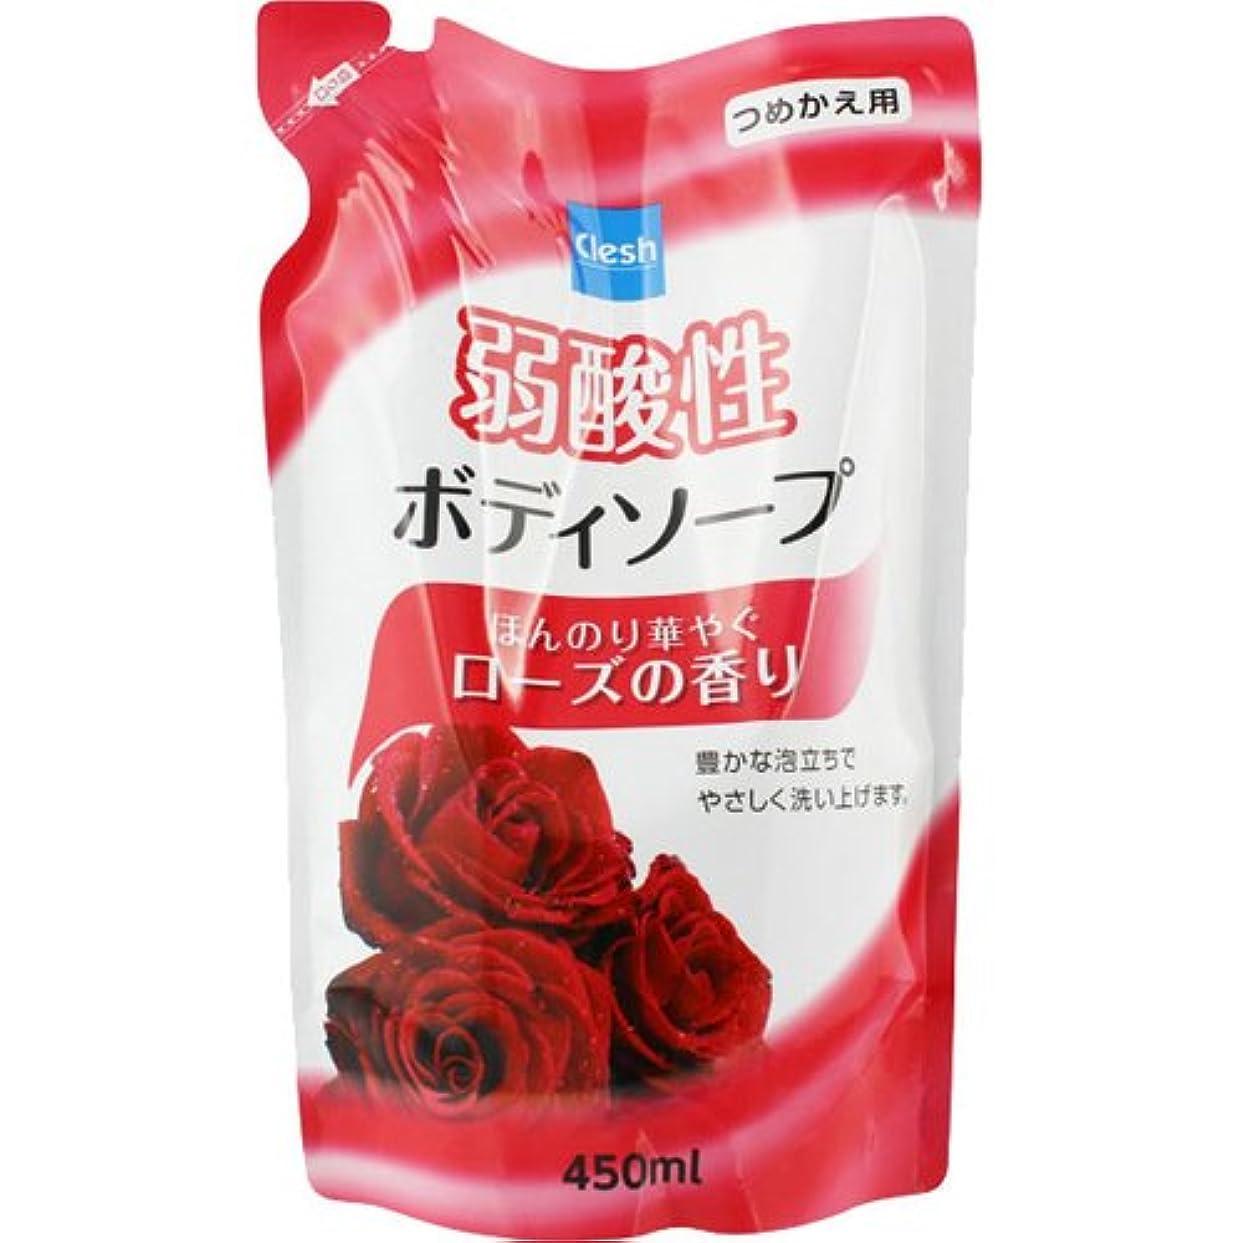 外交同様のしなやかなClesh(クレシュ) 弱酸性ボディソープ ローズの香り つめかえ用 450ml